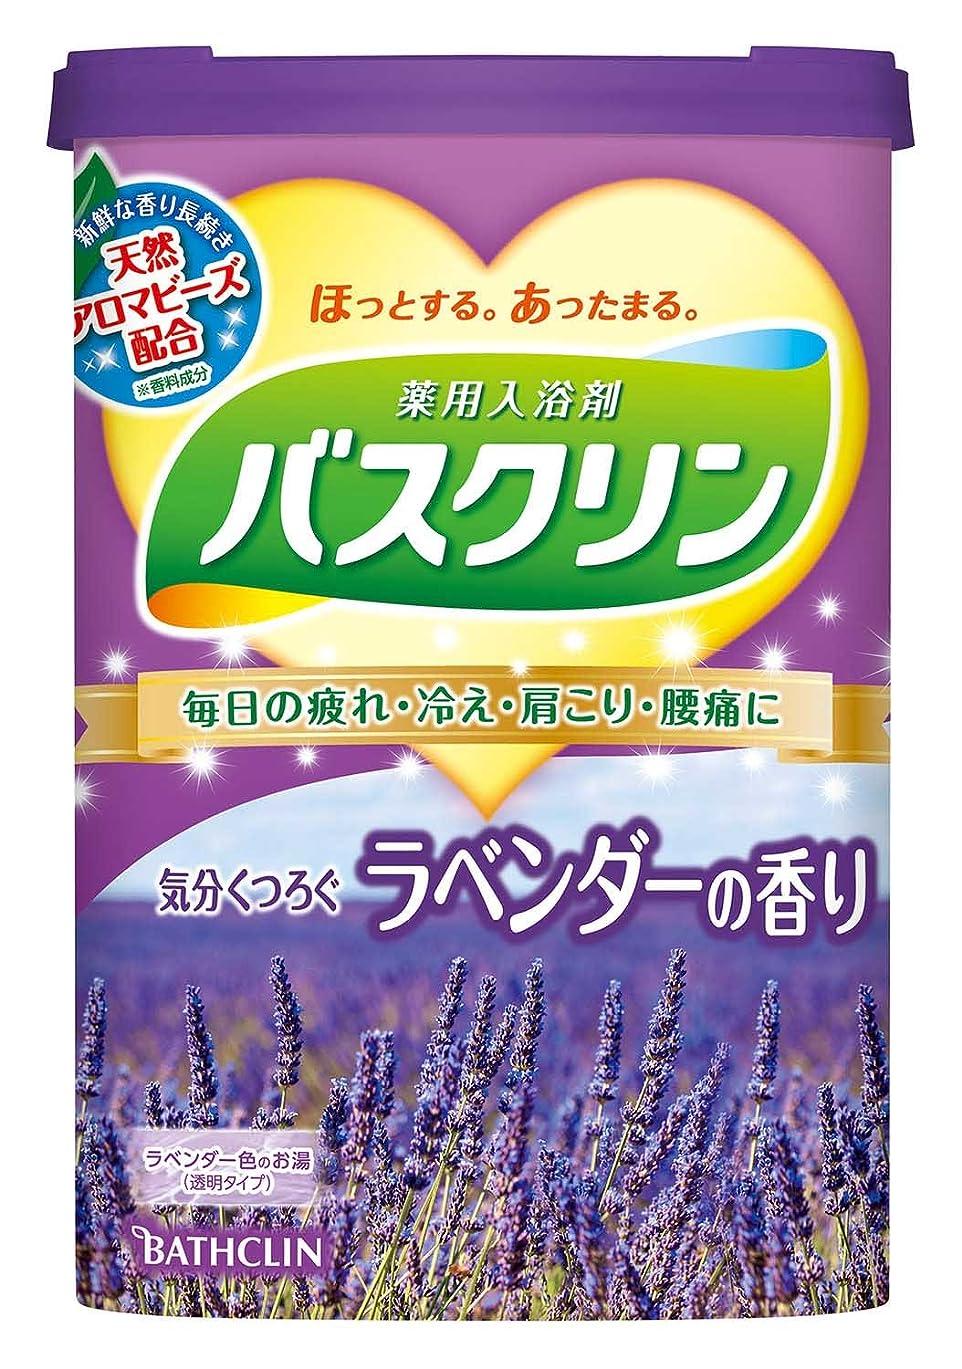 インカ帝国引退する経験的【医薬部外品】バスクリン ラベンダーの香り 600g 入浴剤